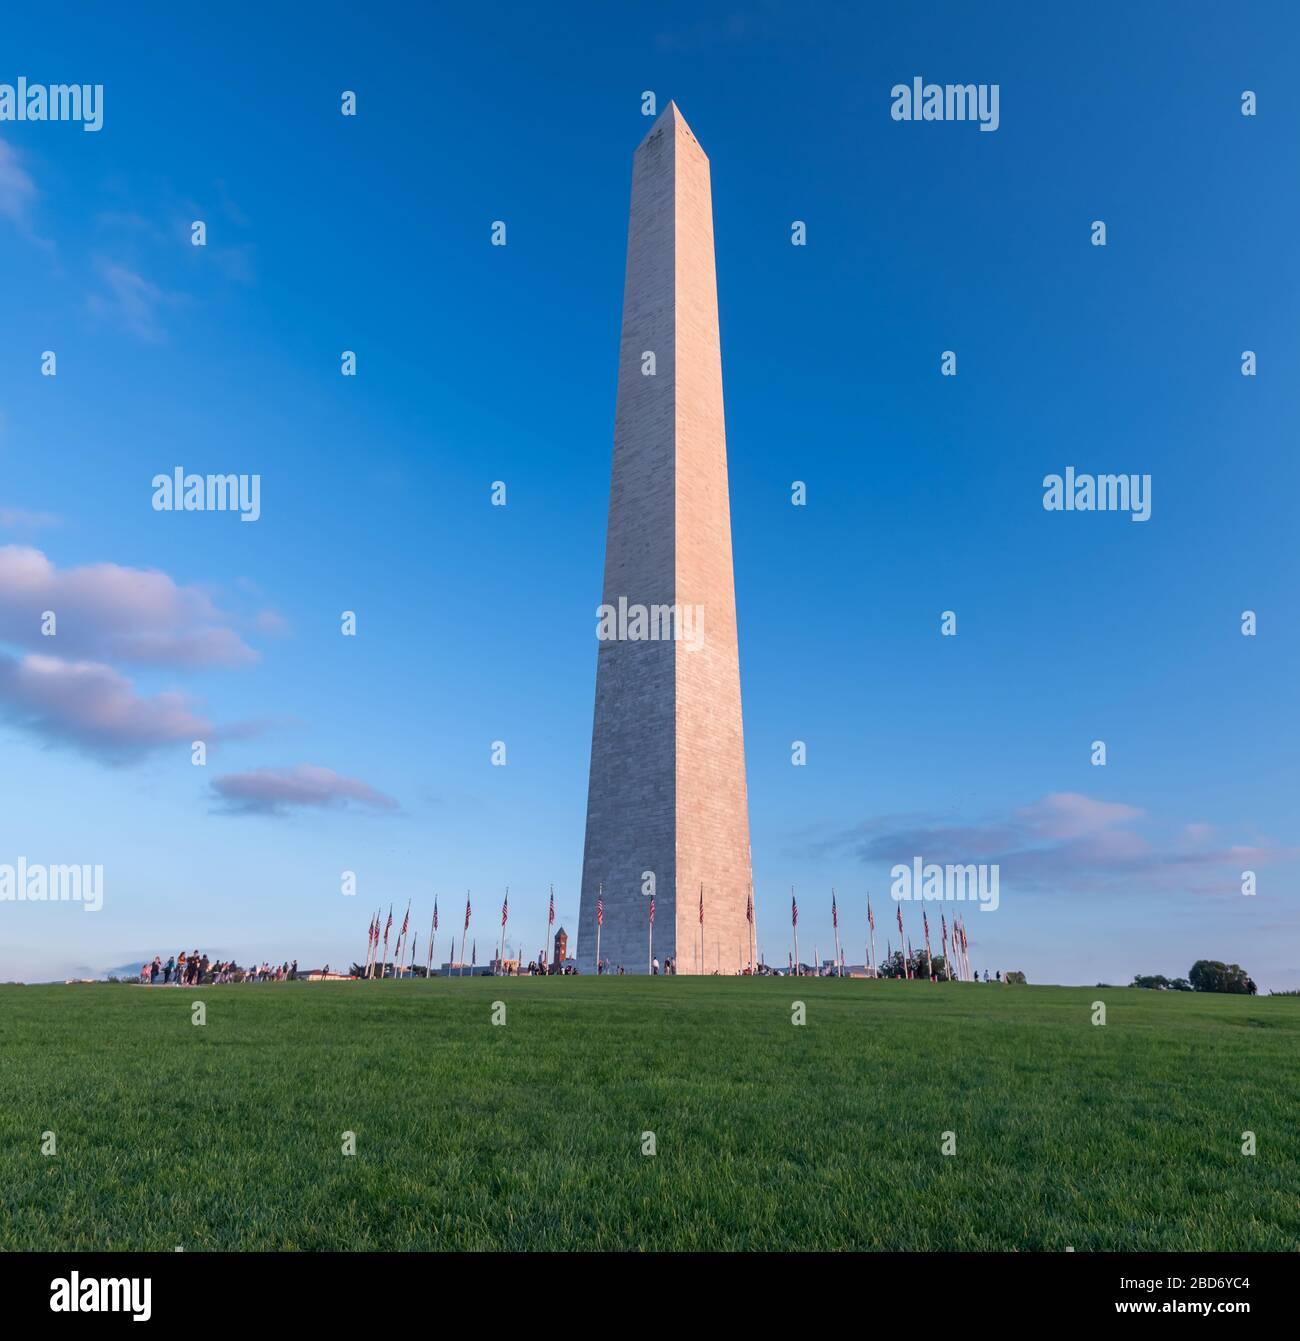 Monument de Washington à Washington DC, États-Unis d'Amérique, États-Unis Banque D'Images